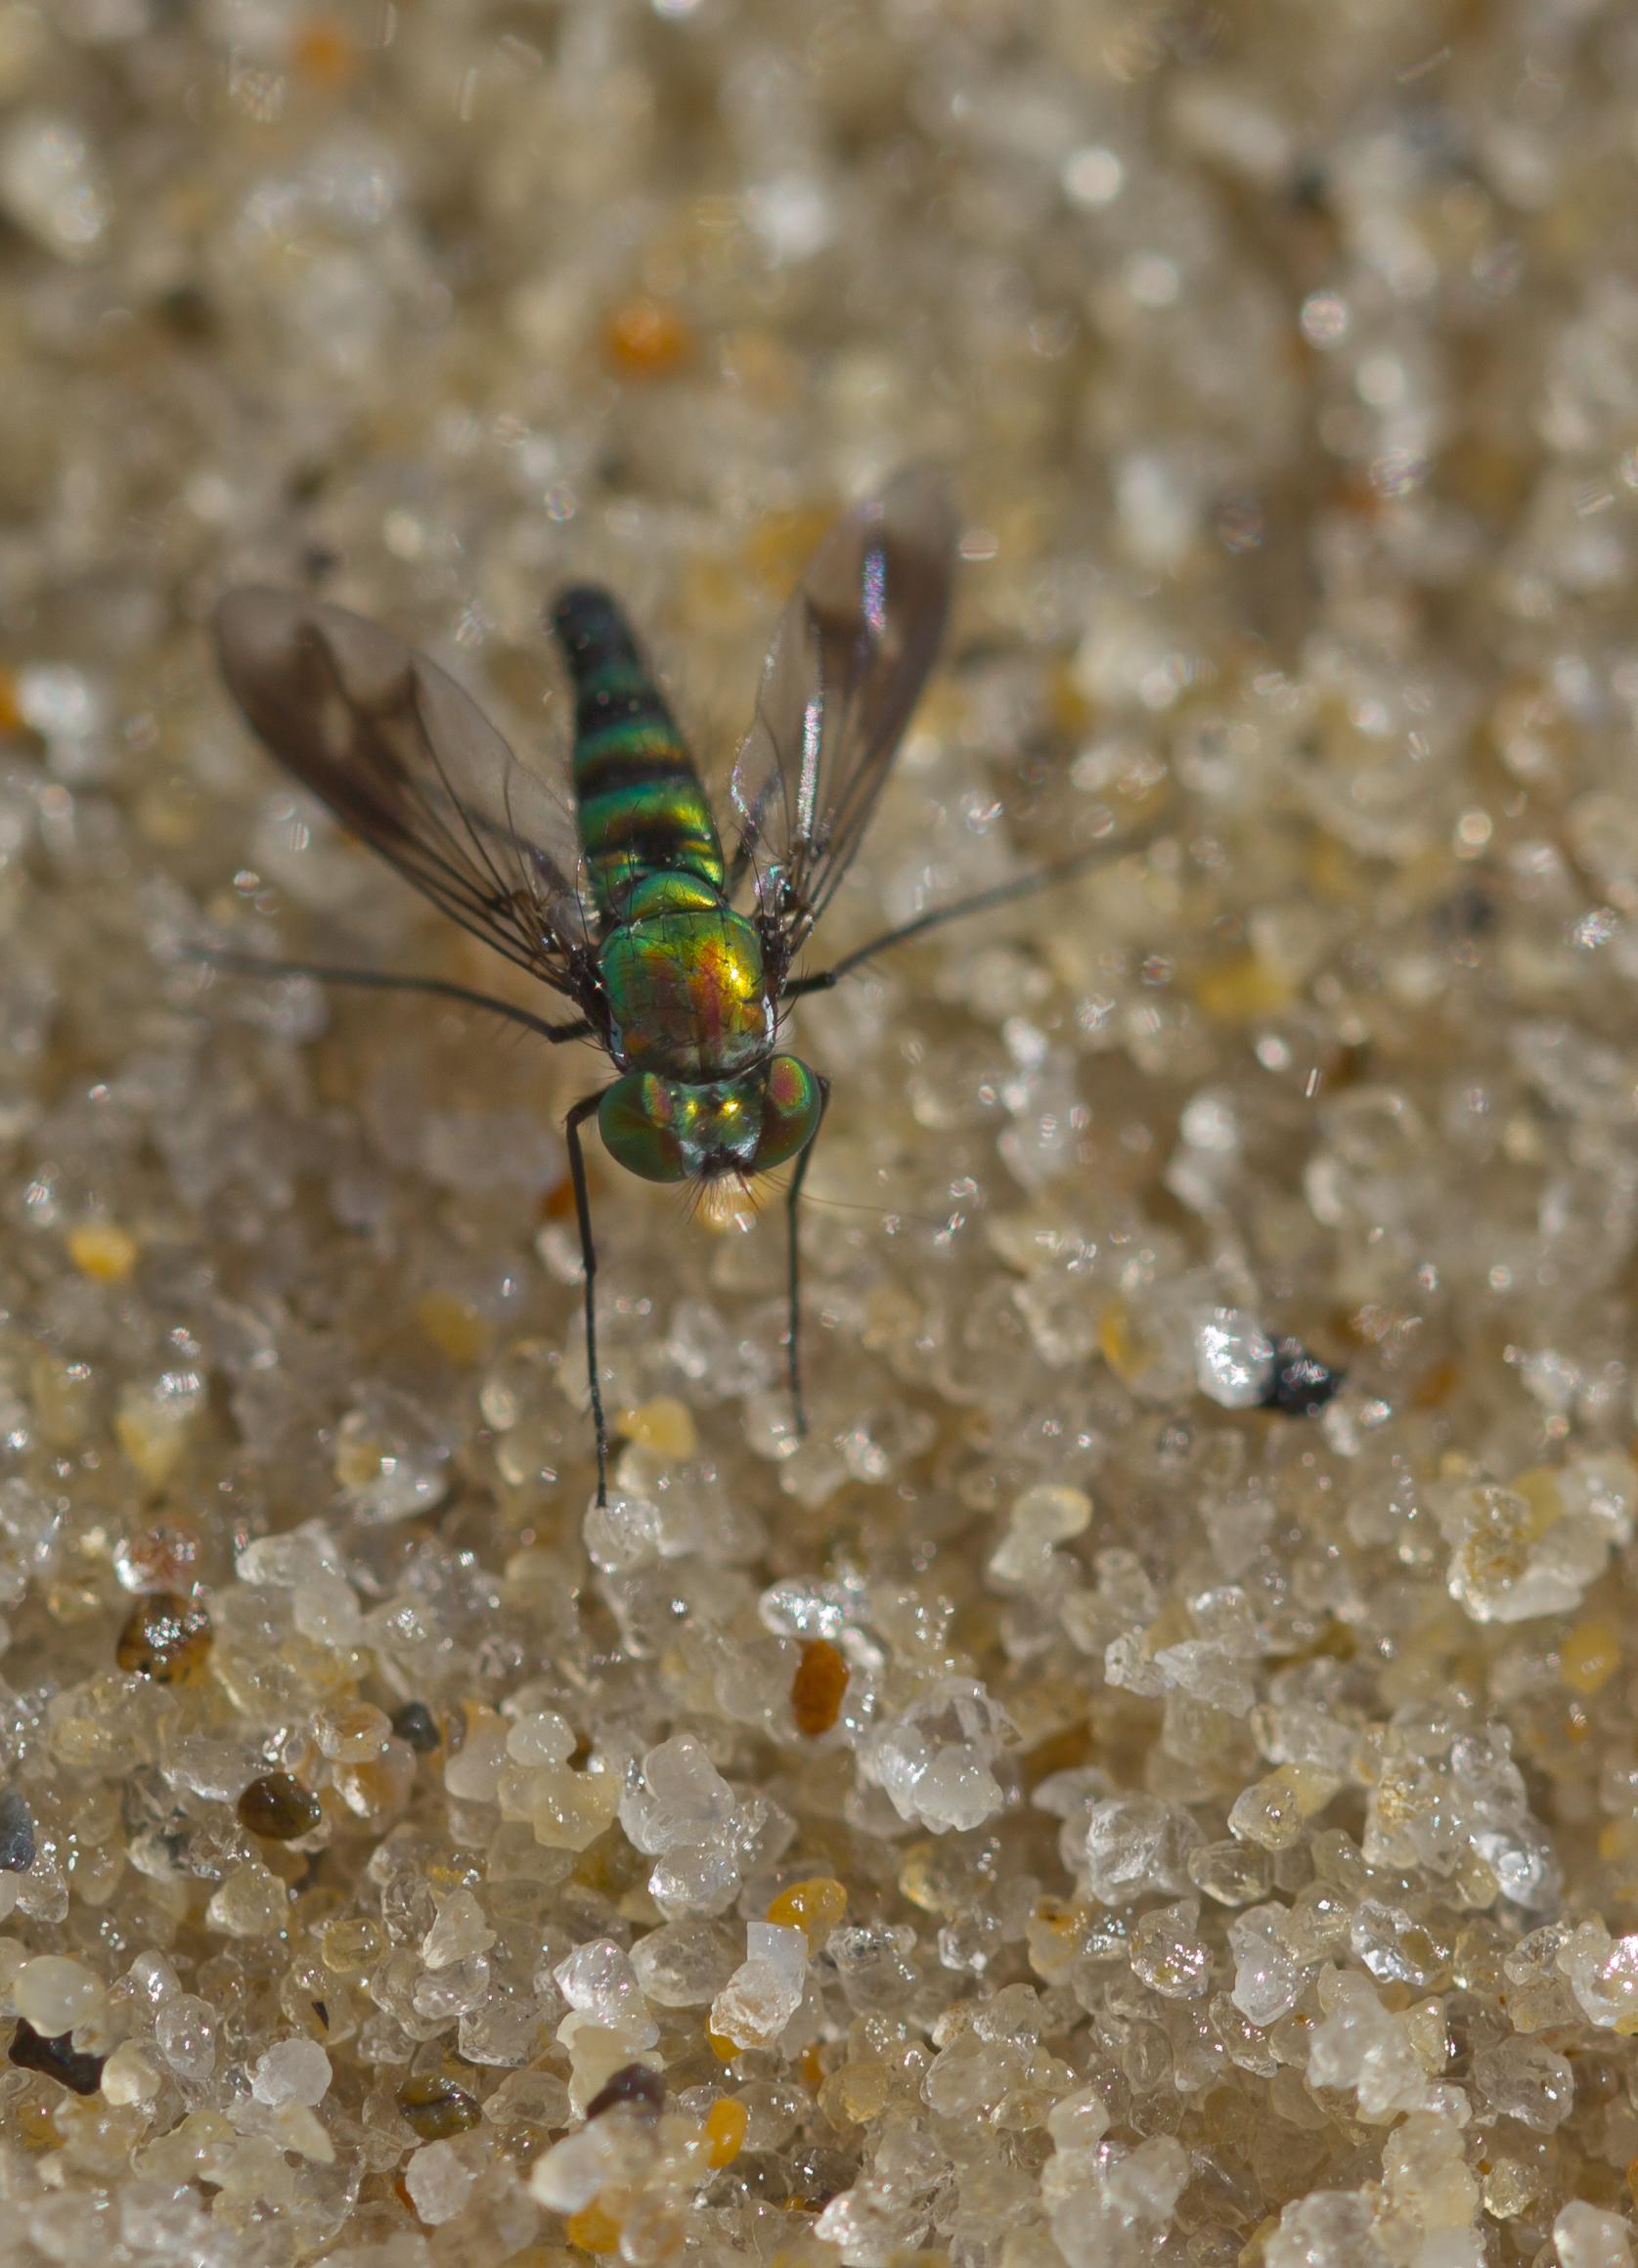 Long Legged Fly - Family: Dolichopodidae